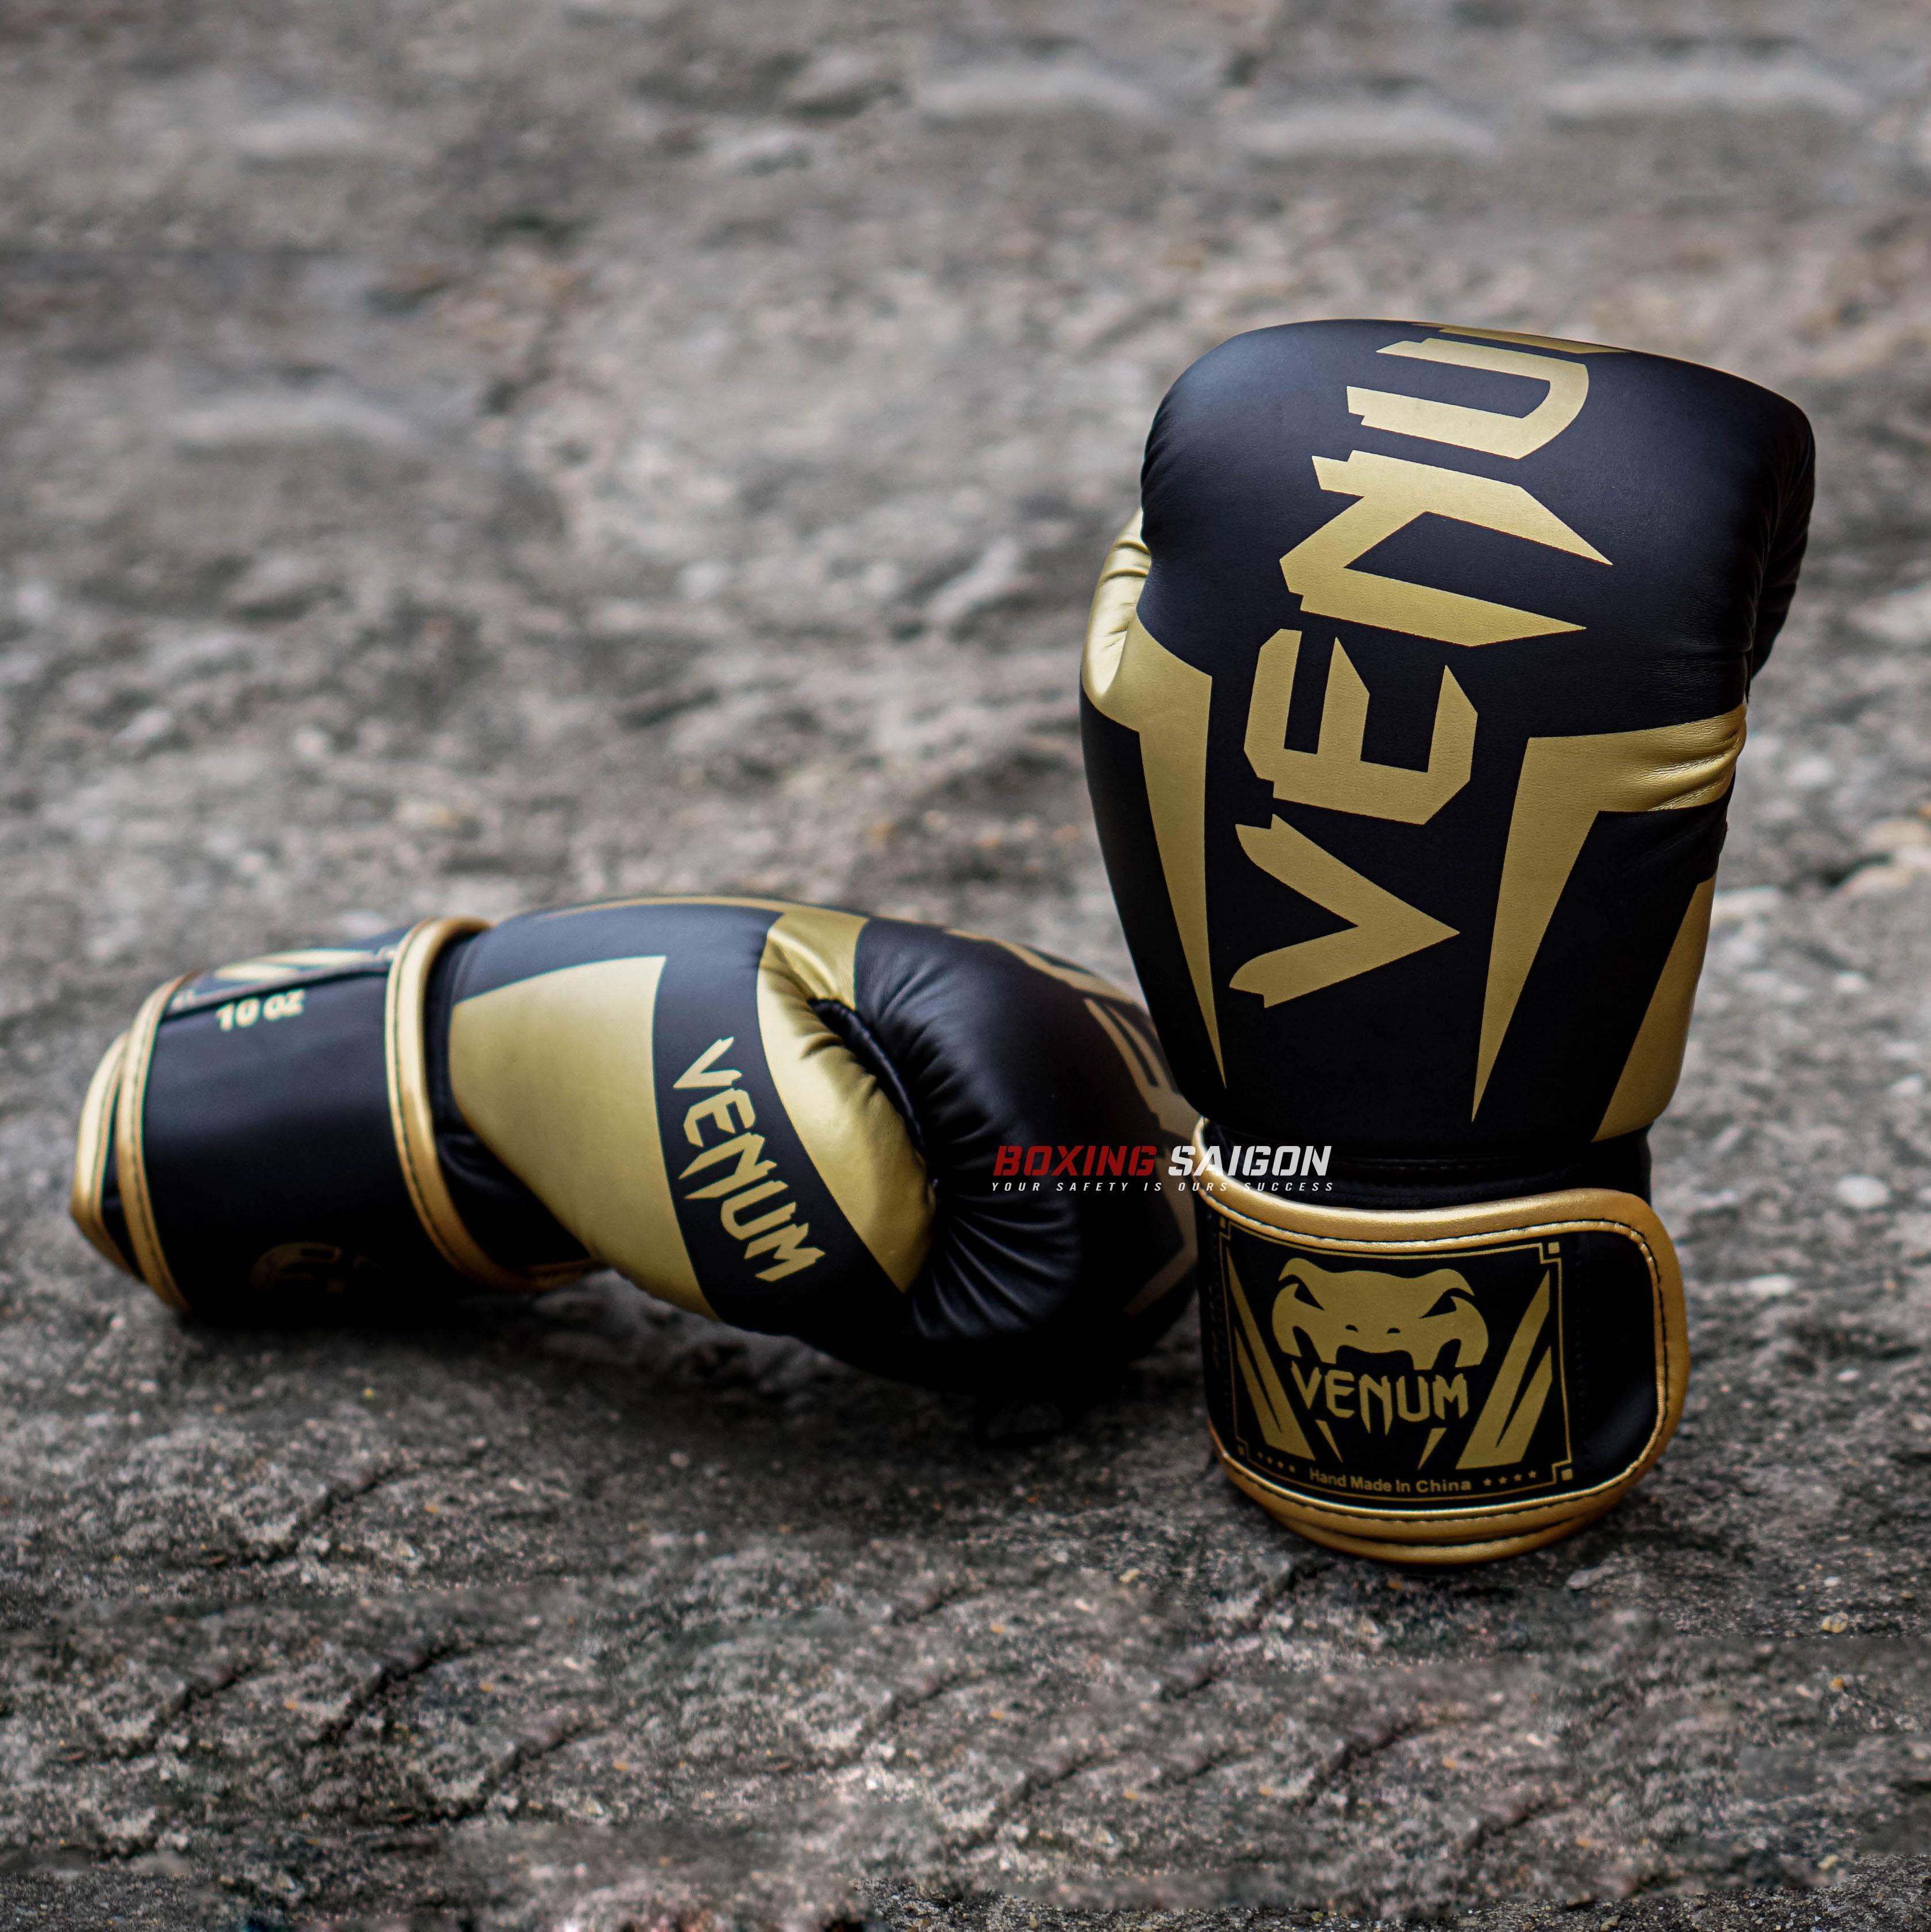 Găng Tay Boxing Venum Elite - Black Gold Giá Tốt Nhất Thị Trường